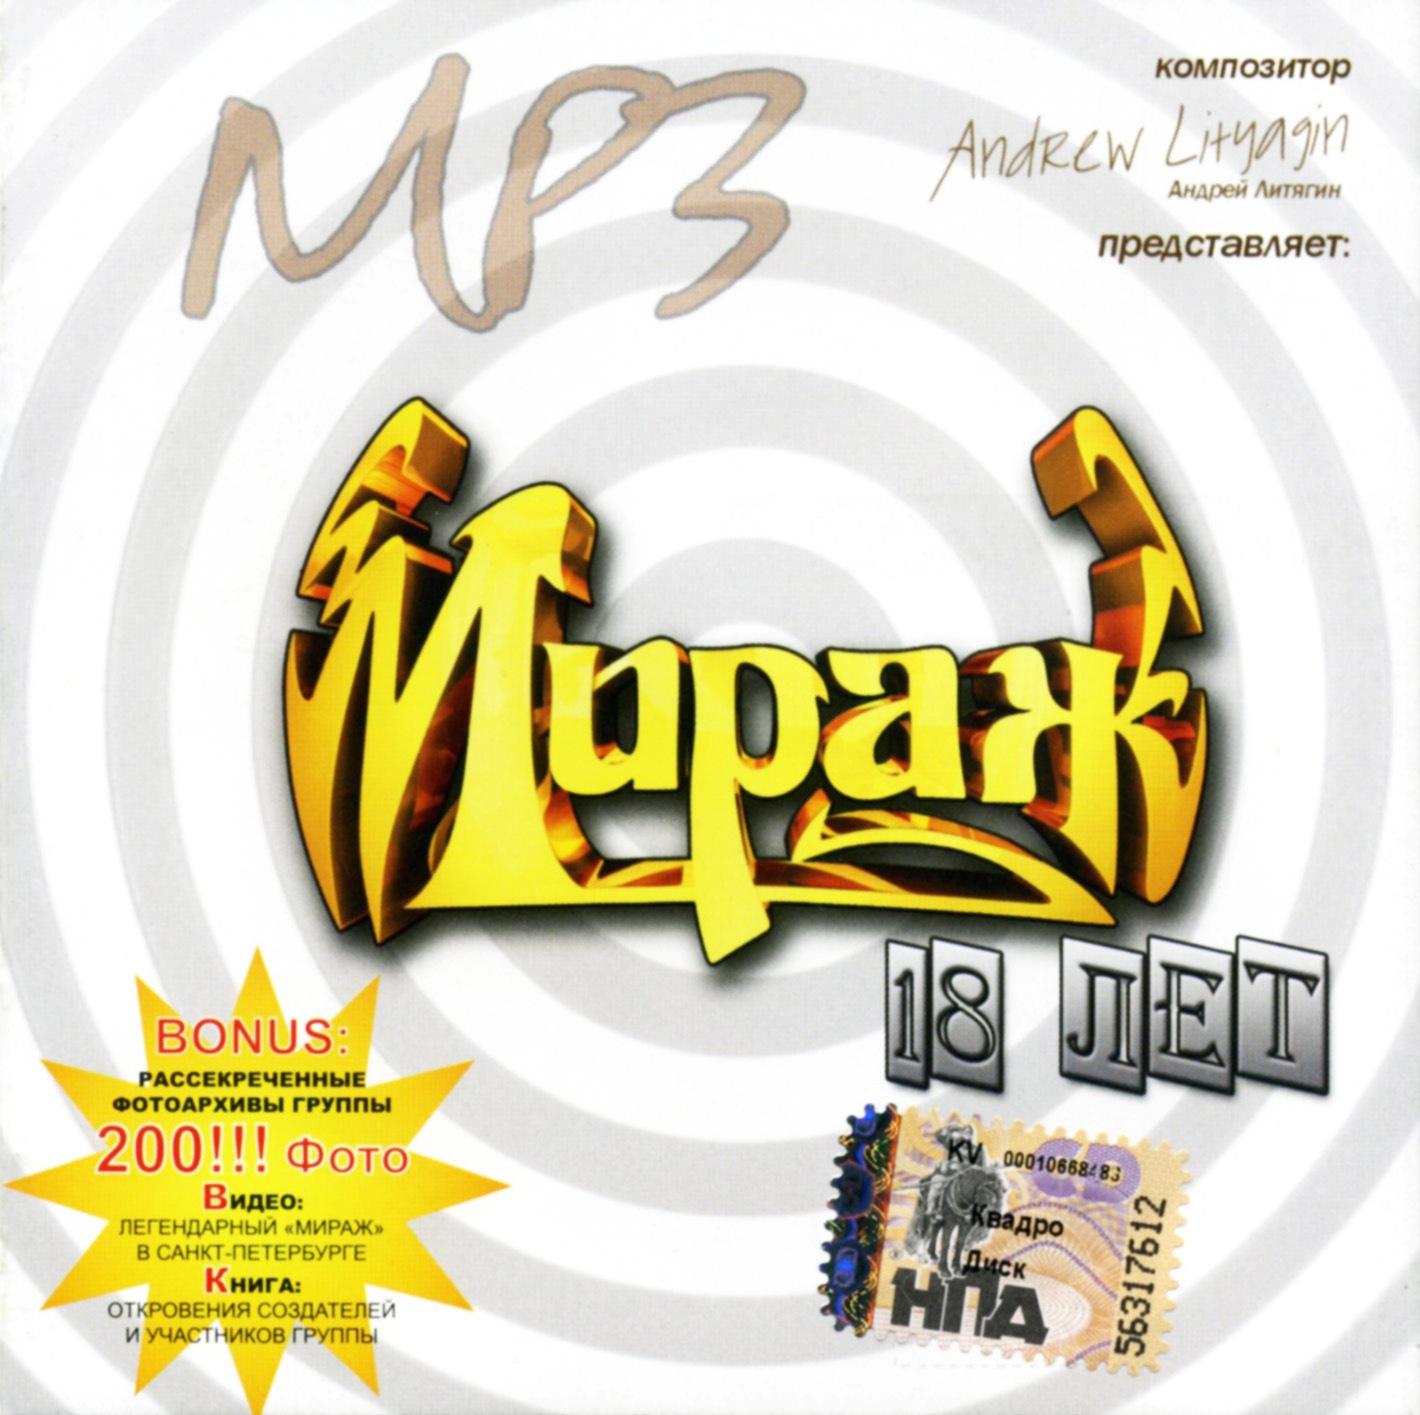 «Мираж 18 лет» MP3